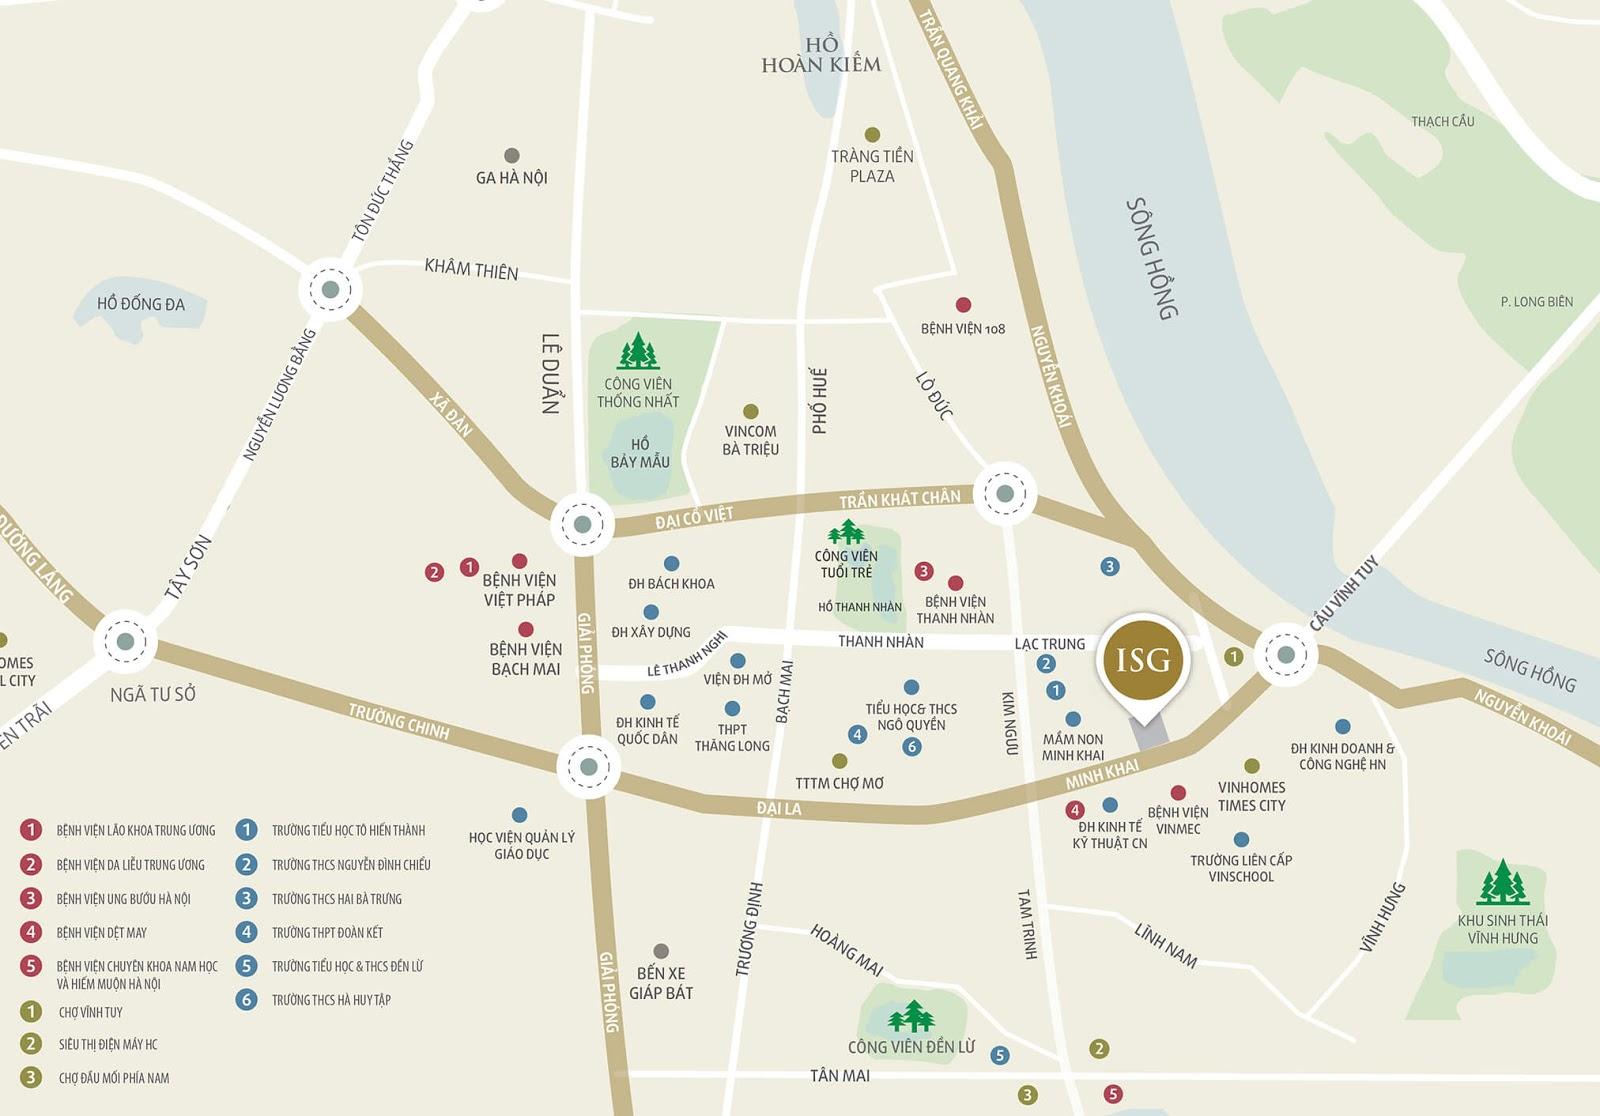 Vị trí đắc địa tại dự án chung cư Imperia Sky Garden 423 Minh Khai